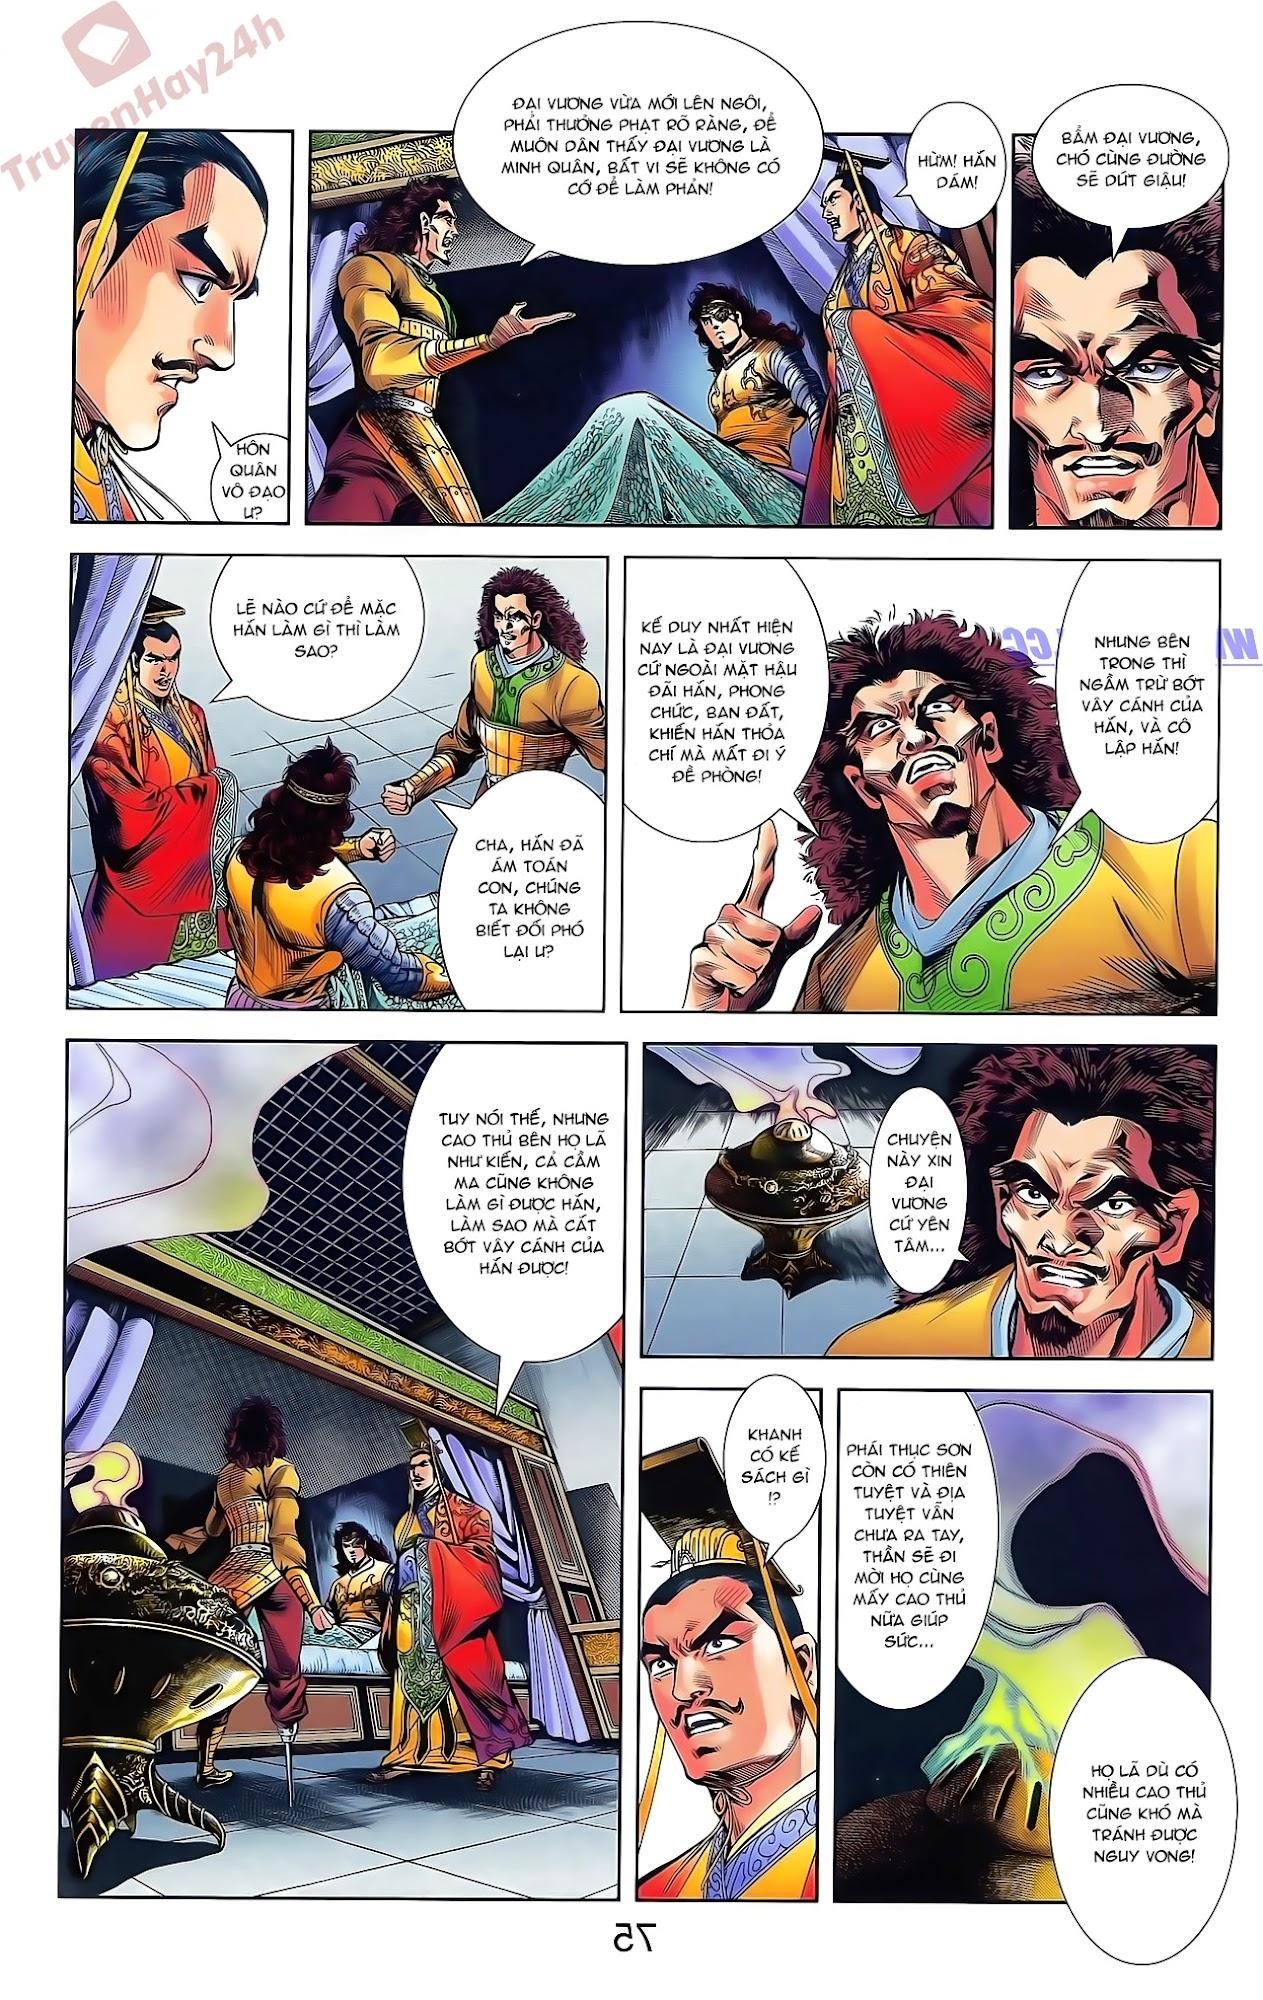 Tần Vương Doanh Chính chapter 49 trang 29